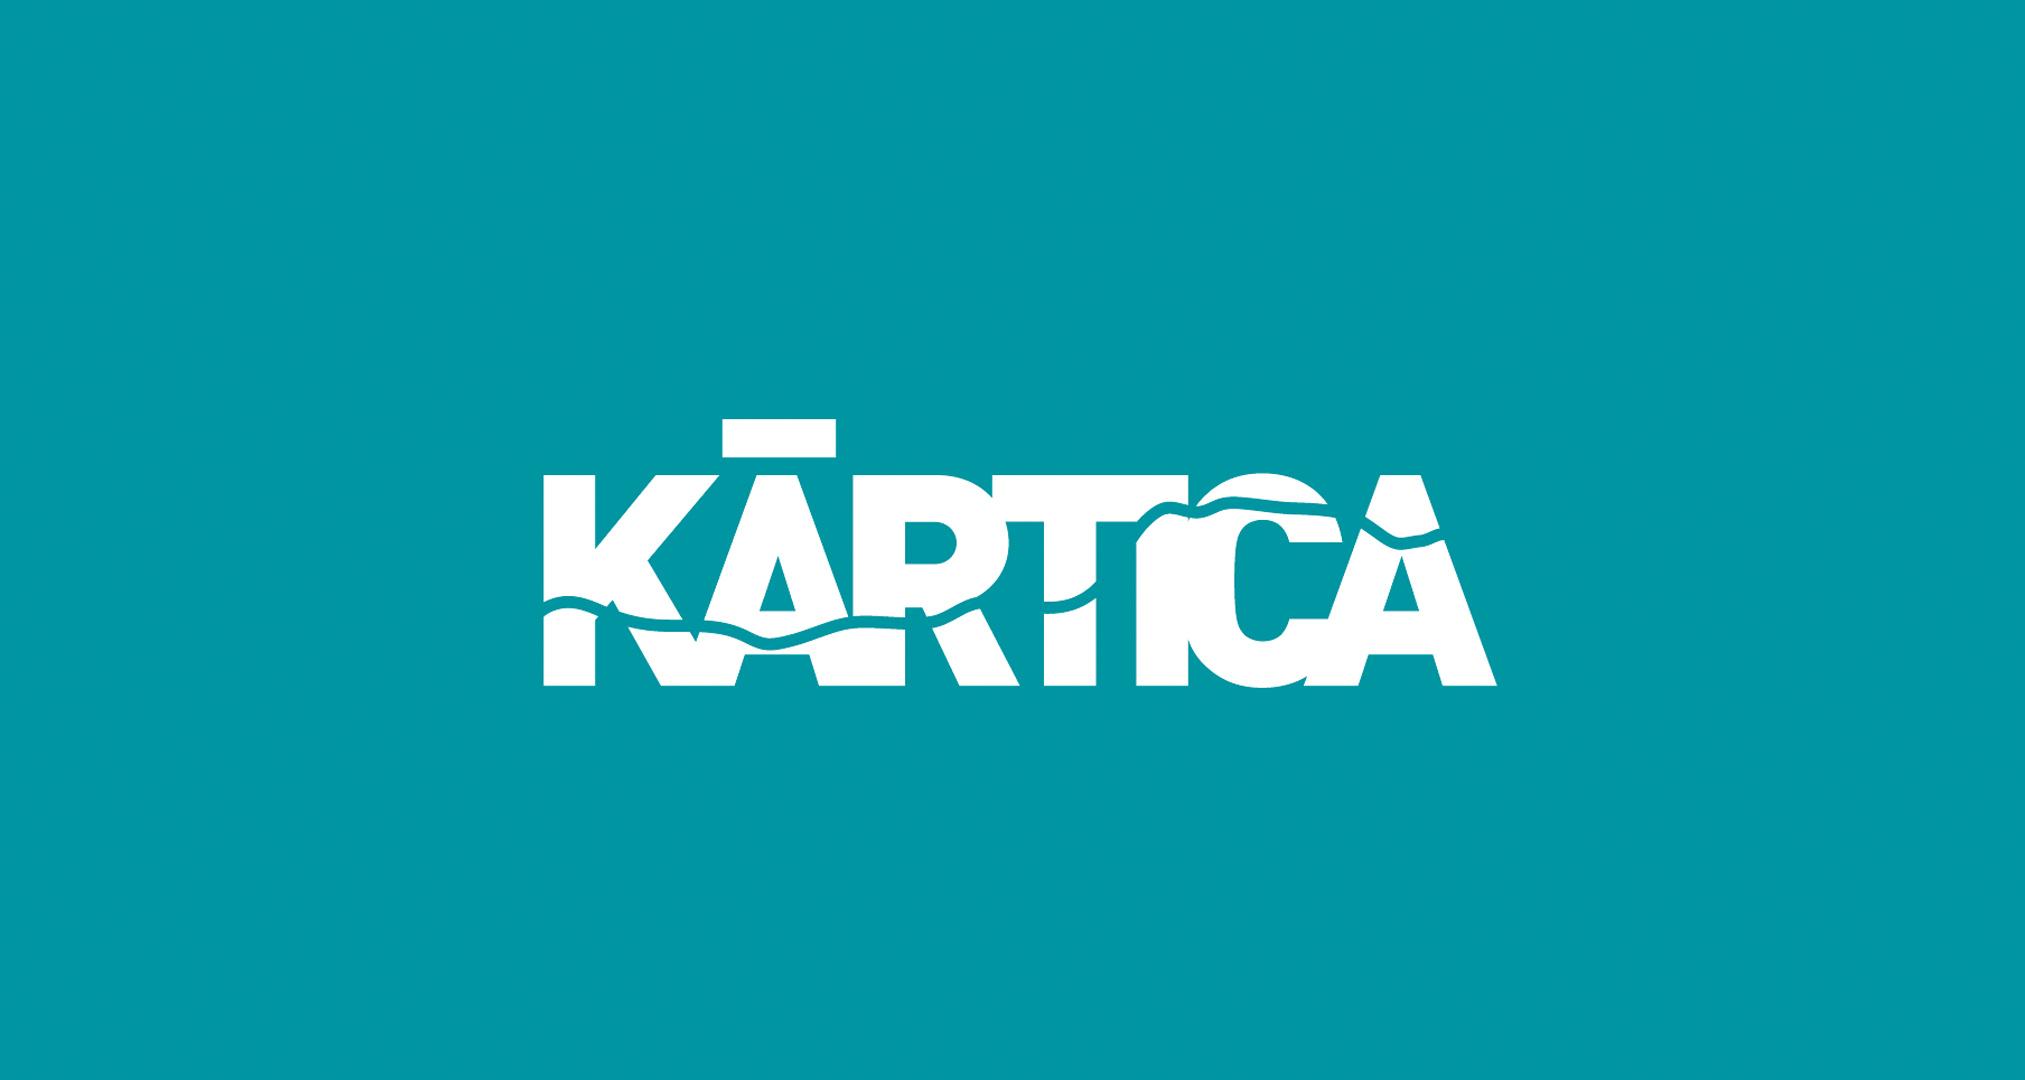 Podcast / Hablamos de branding con Kártica